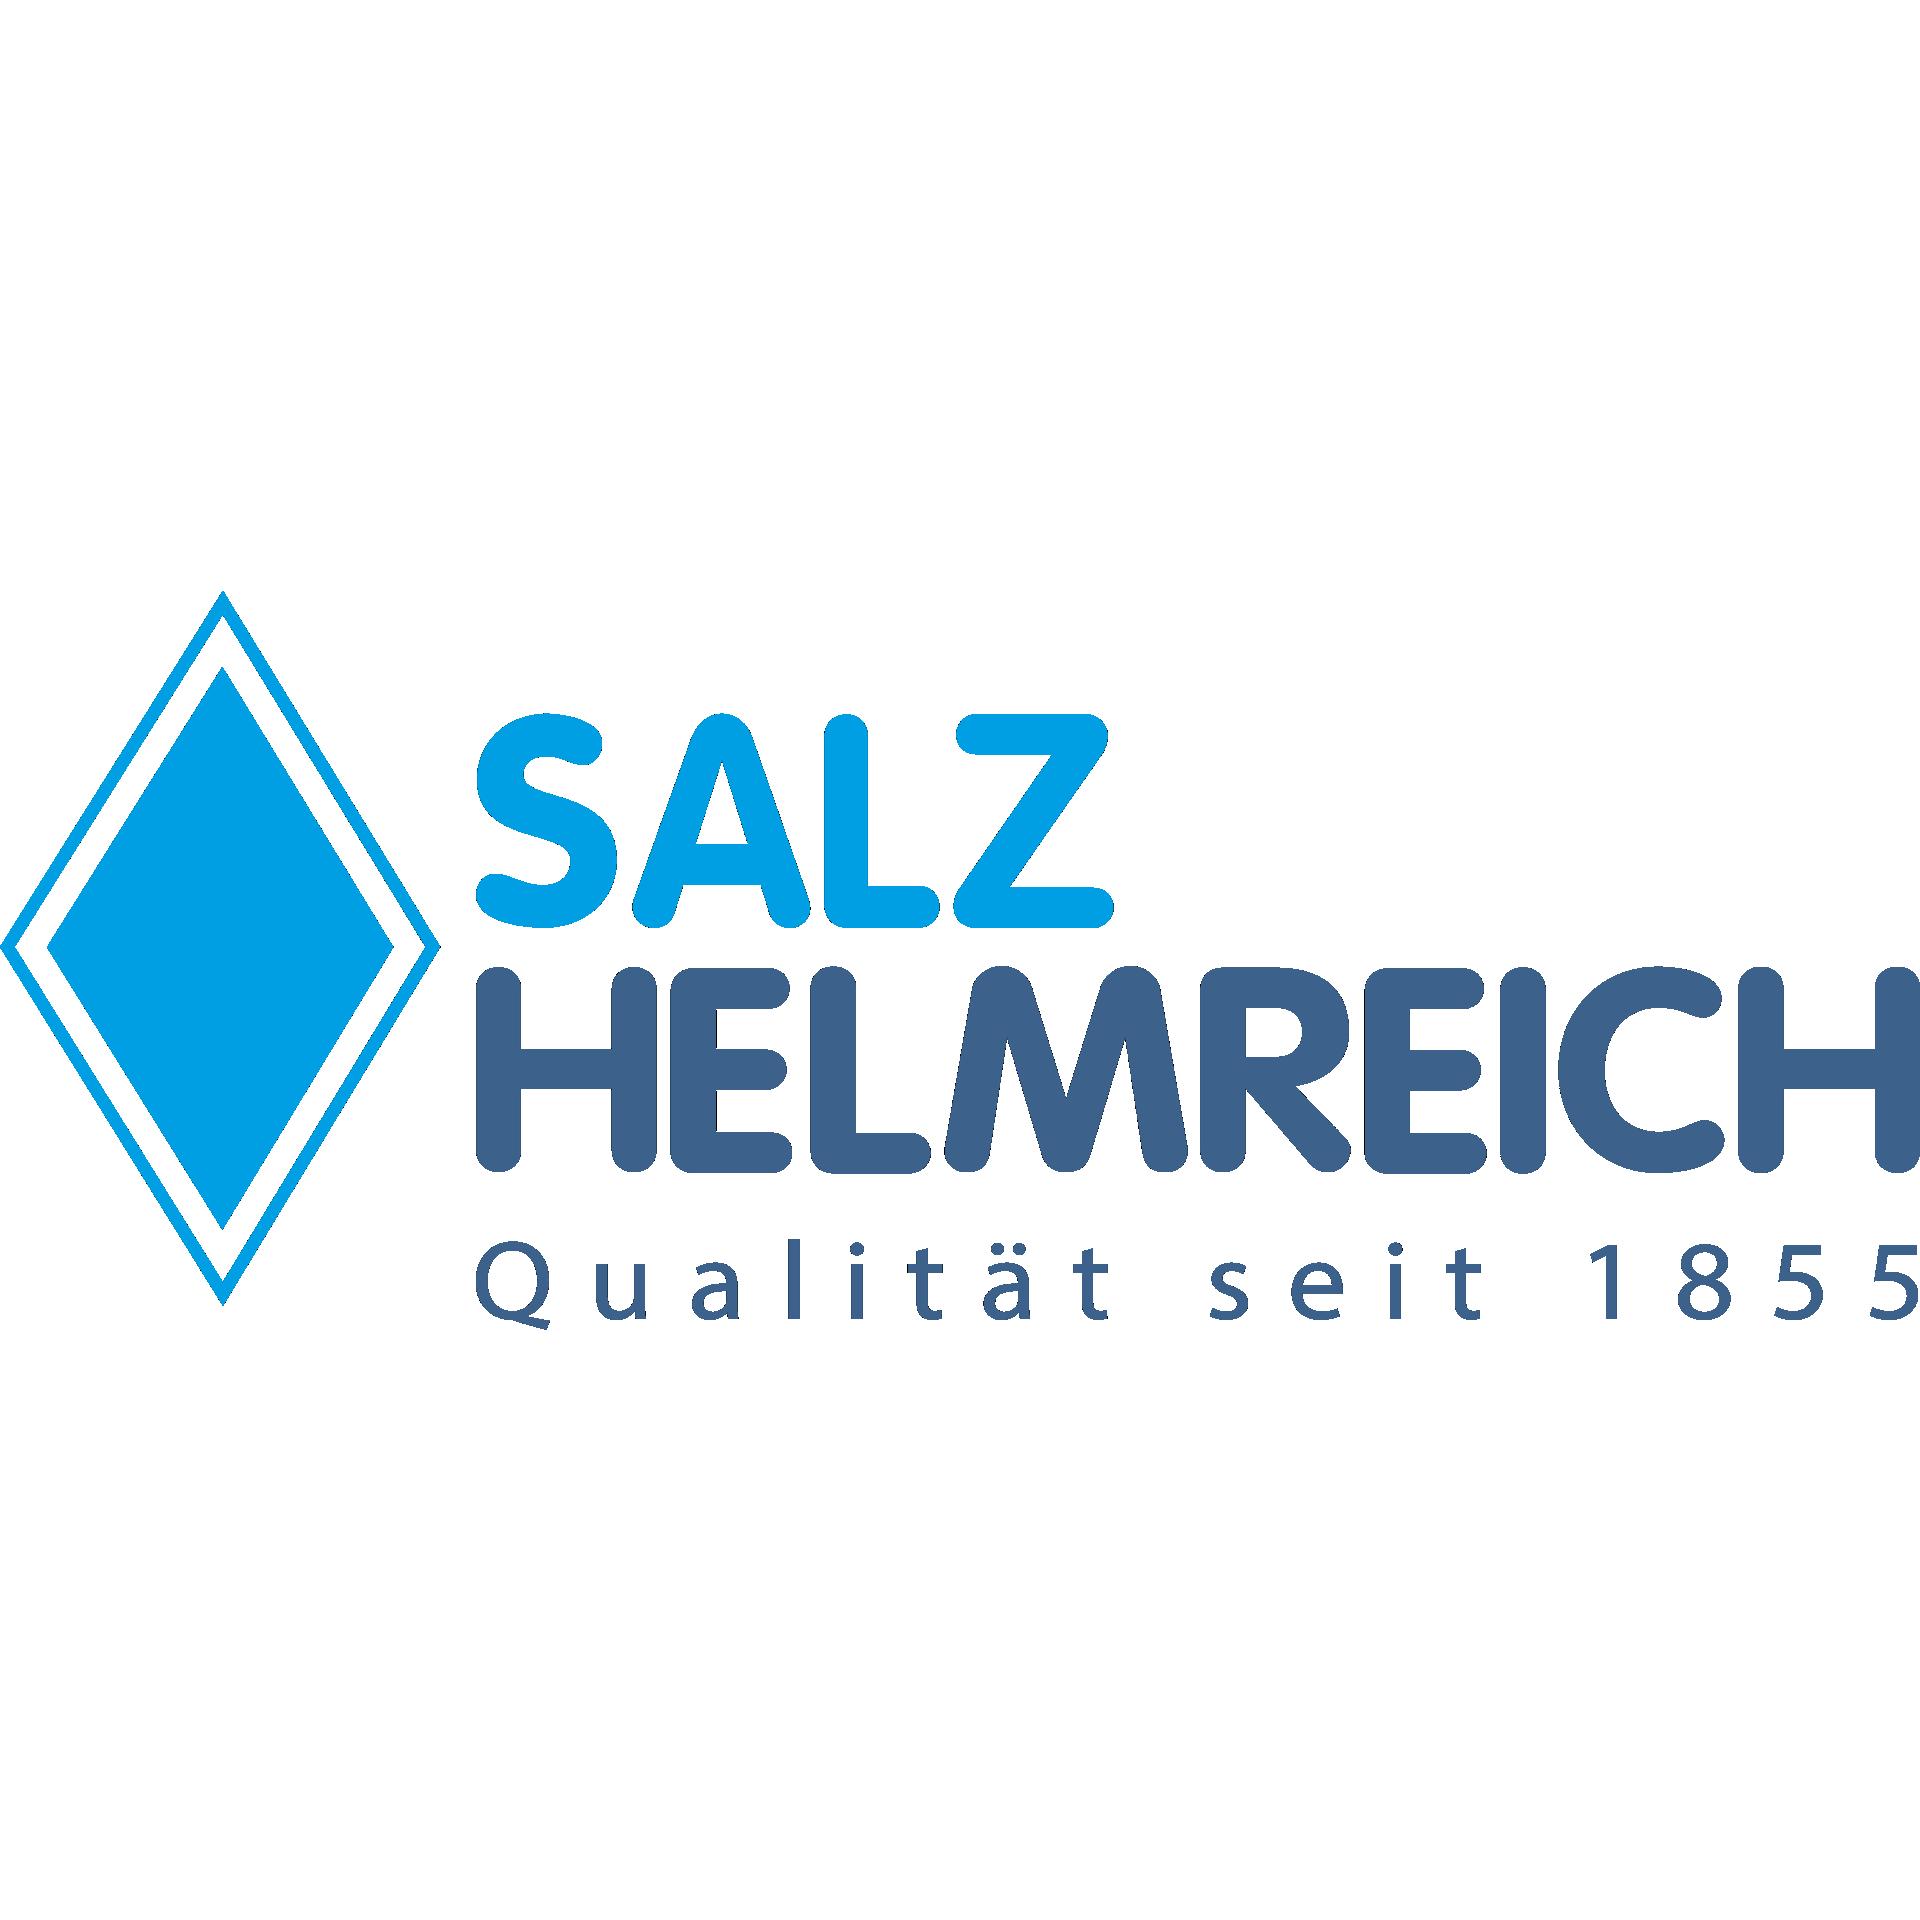 Stein - Einzelfuttermittel Viehsalz 0,16-0,7 mm im 25 kg Sack